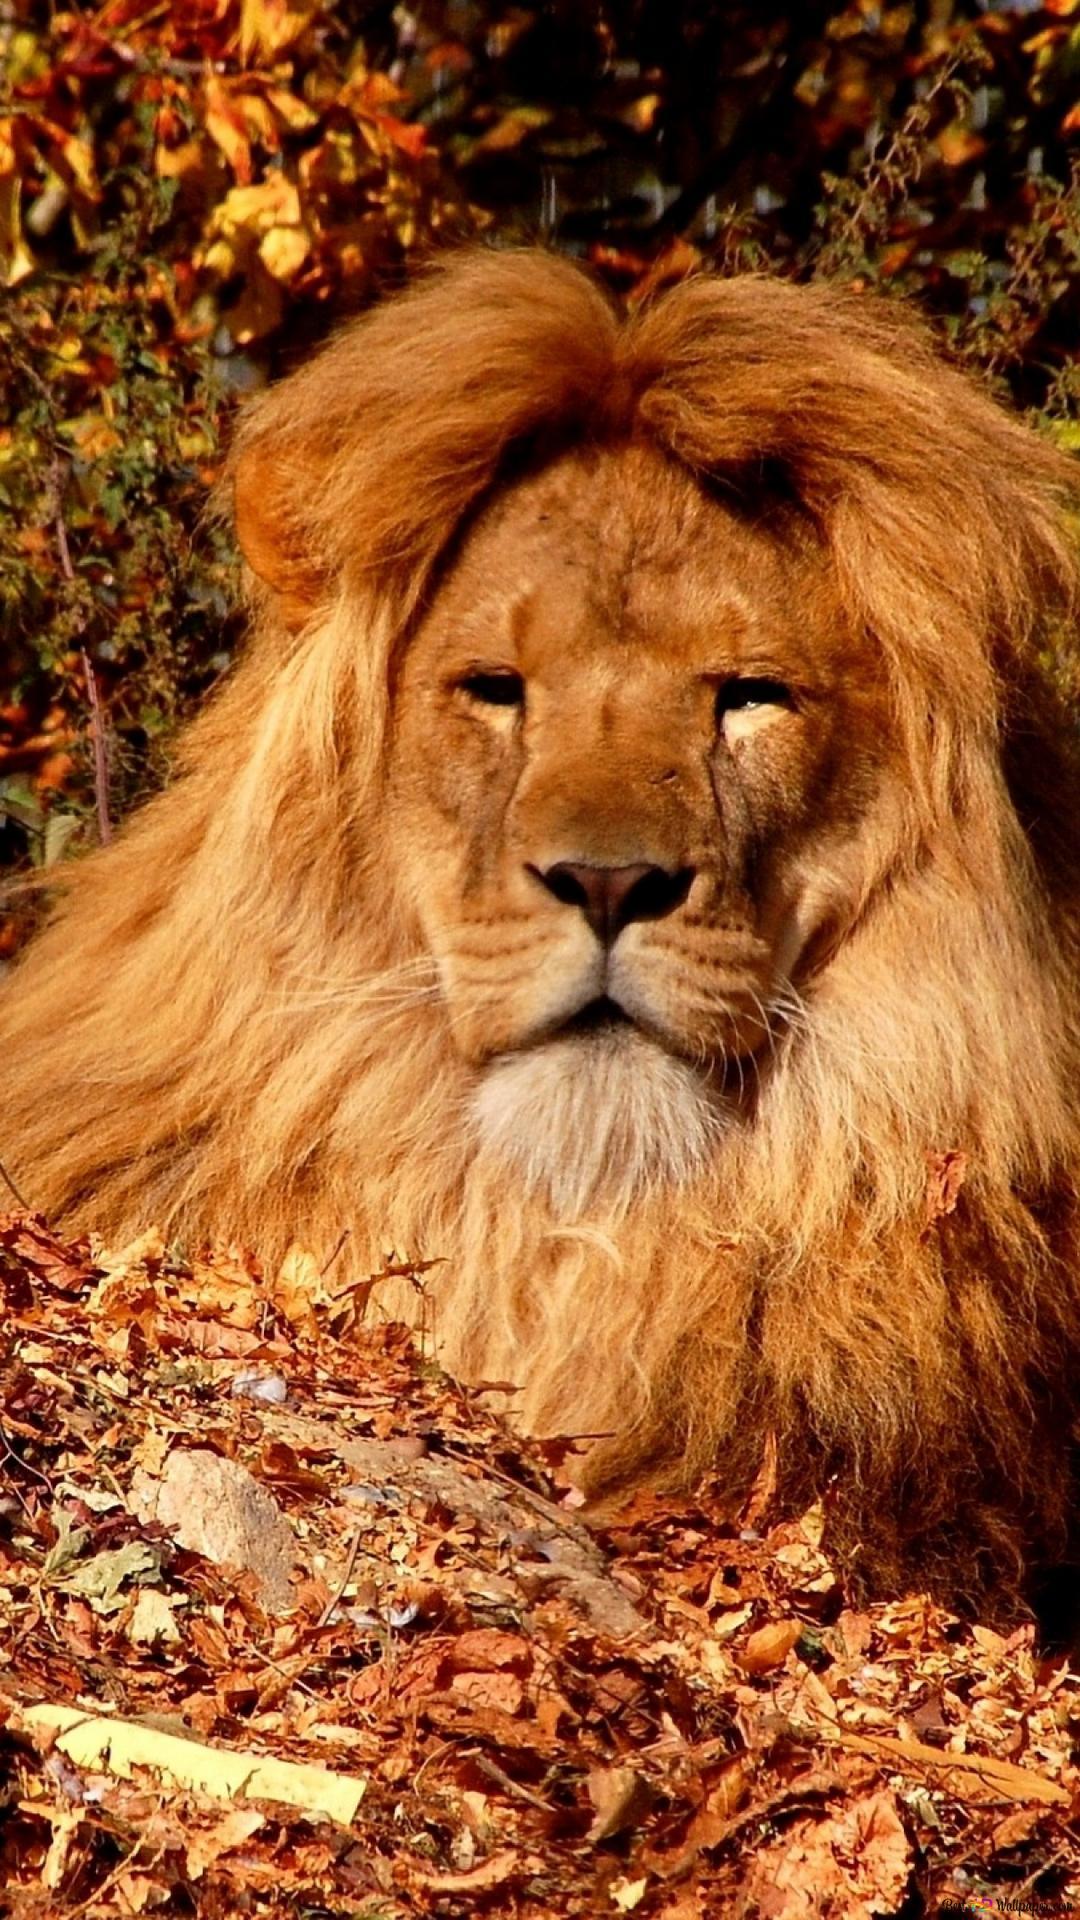 Lion Wallpaper Iphone 7 Plus